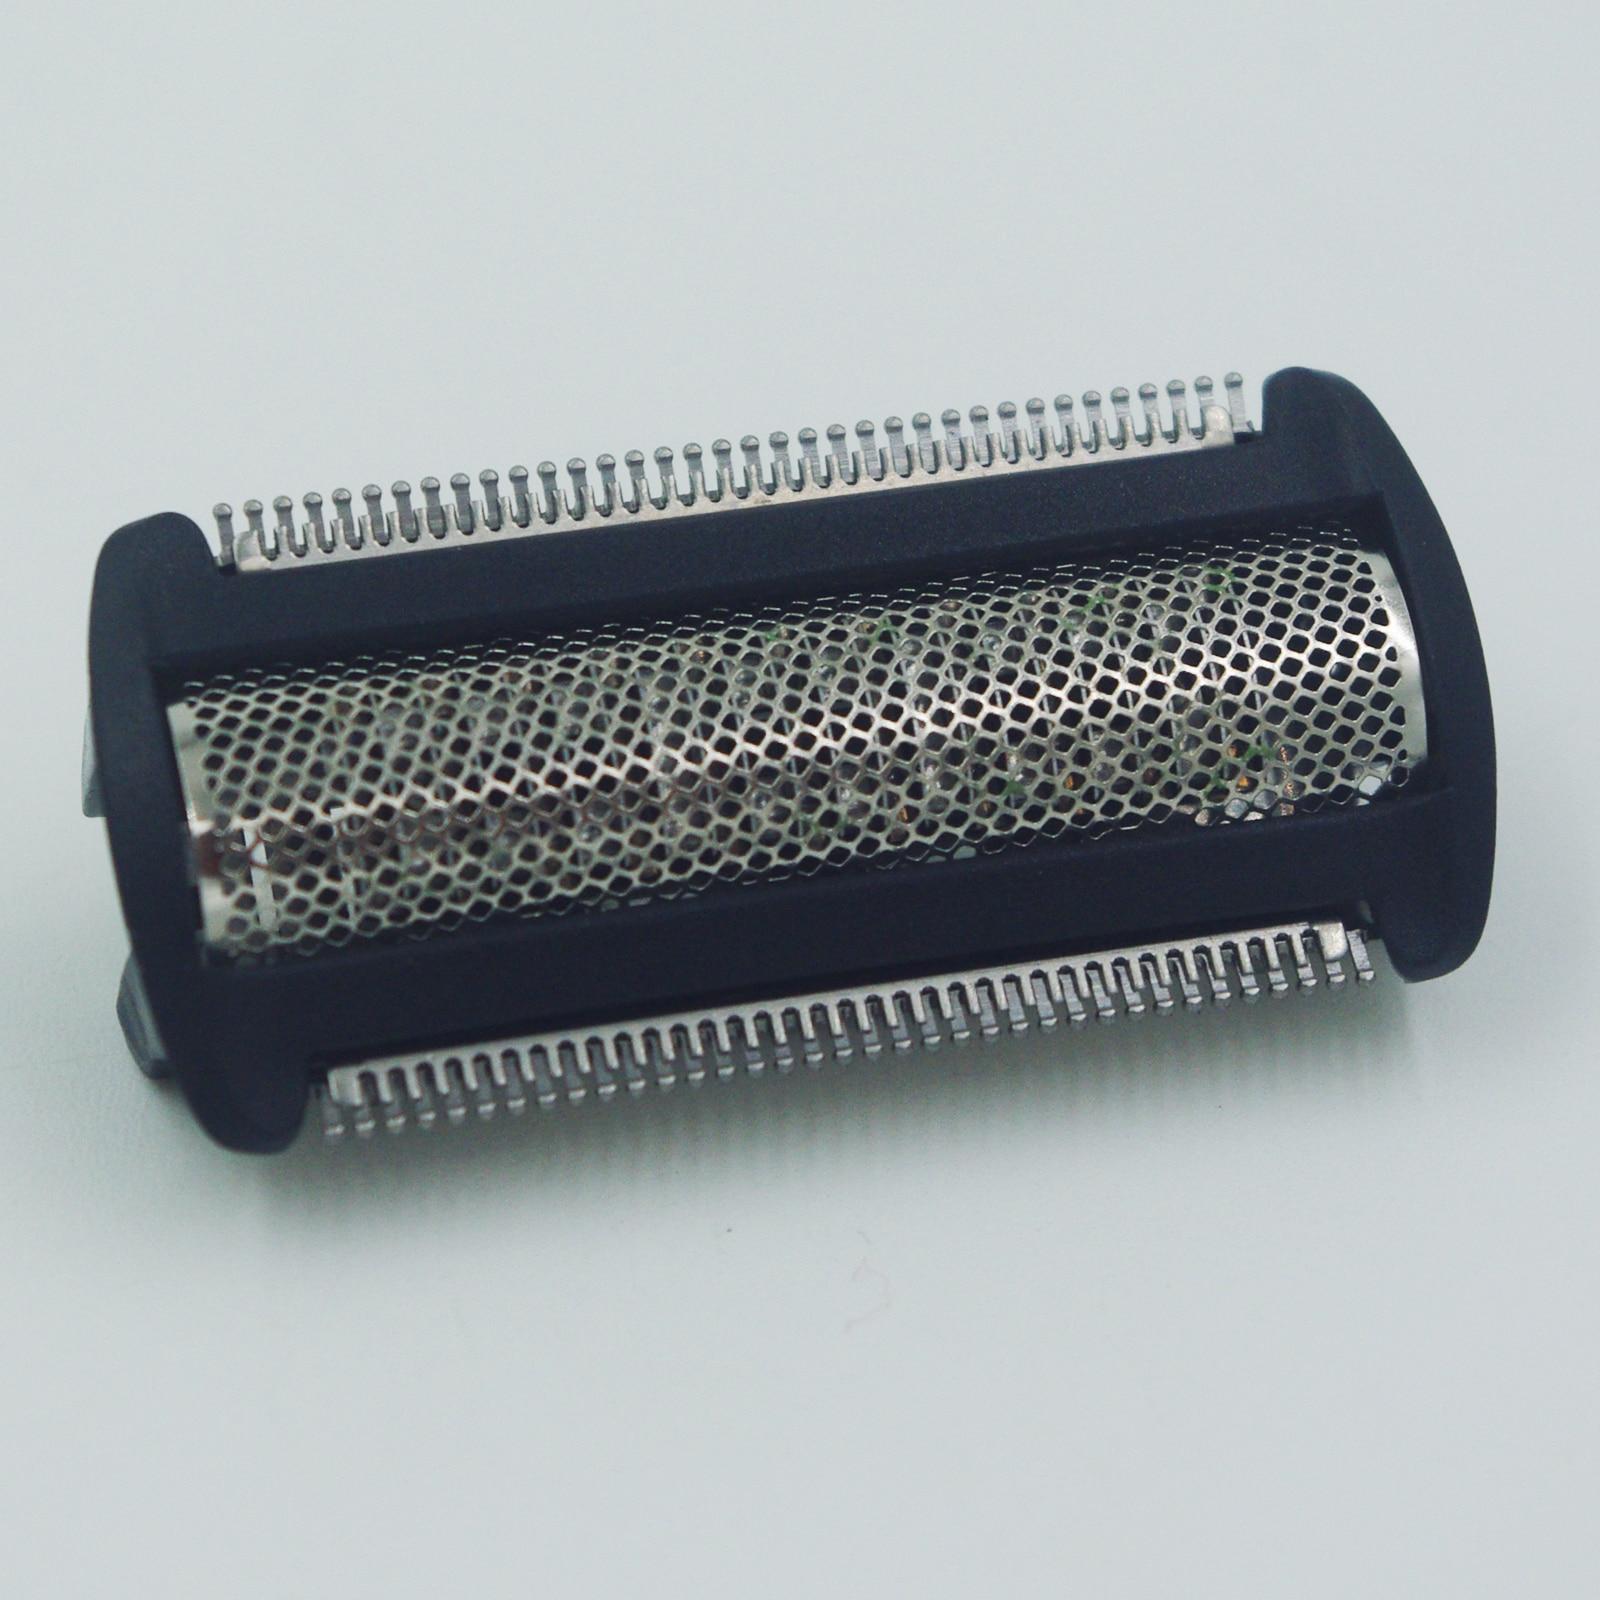 Trimmer/Shaver Foil Heads For Philips Norelco Bodygroom TT2040 BG2024 BG2025 GB2026 BG2028 BG2036 BG2038 BG2040 SGB315 XA2029